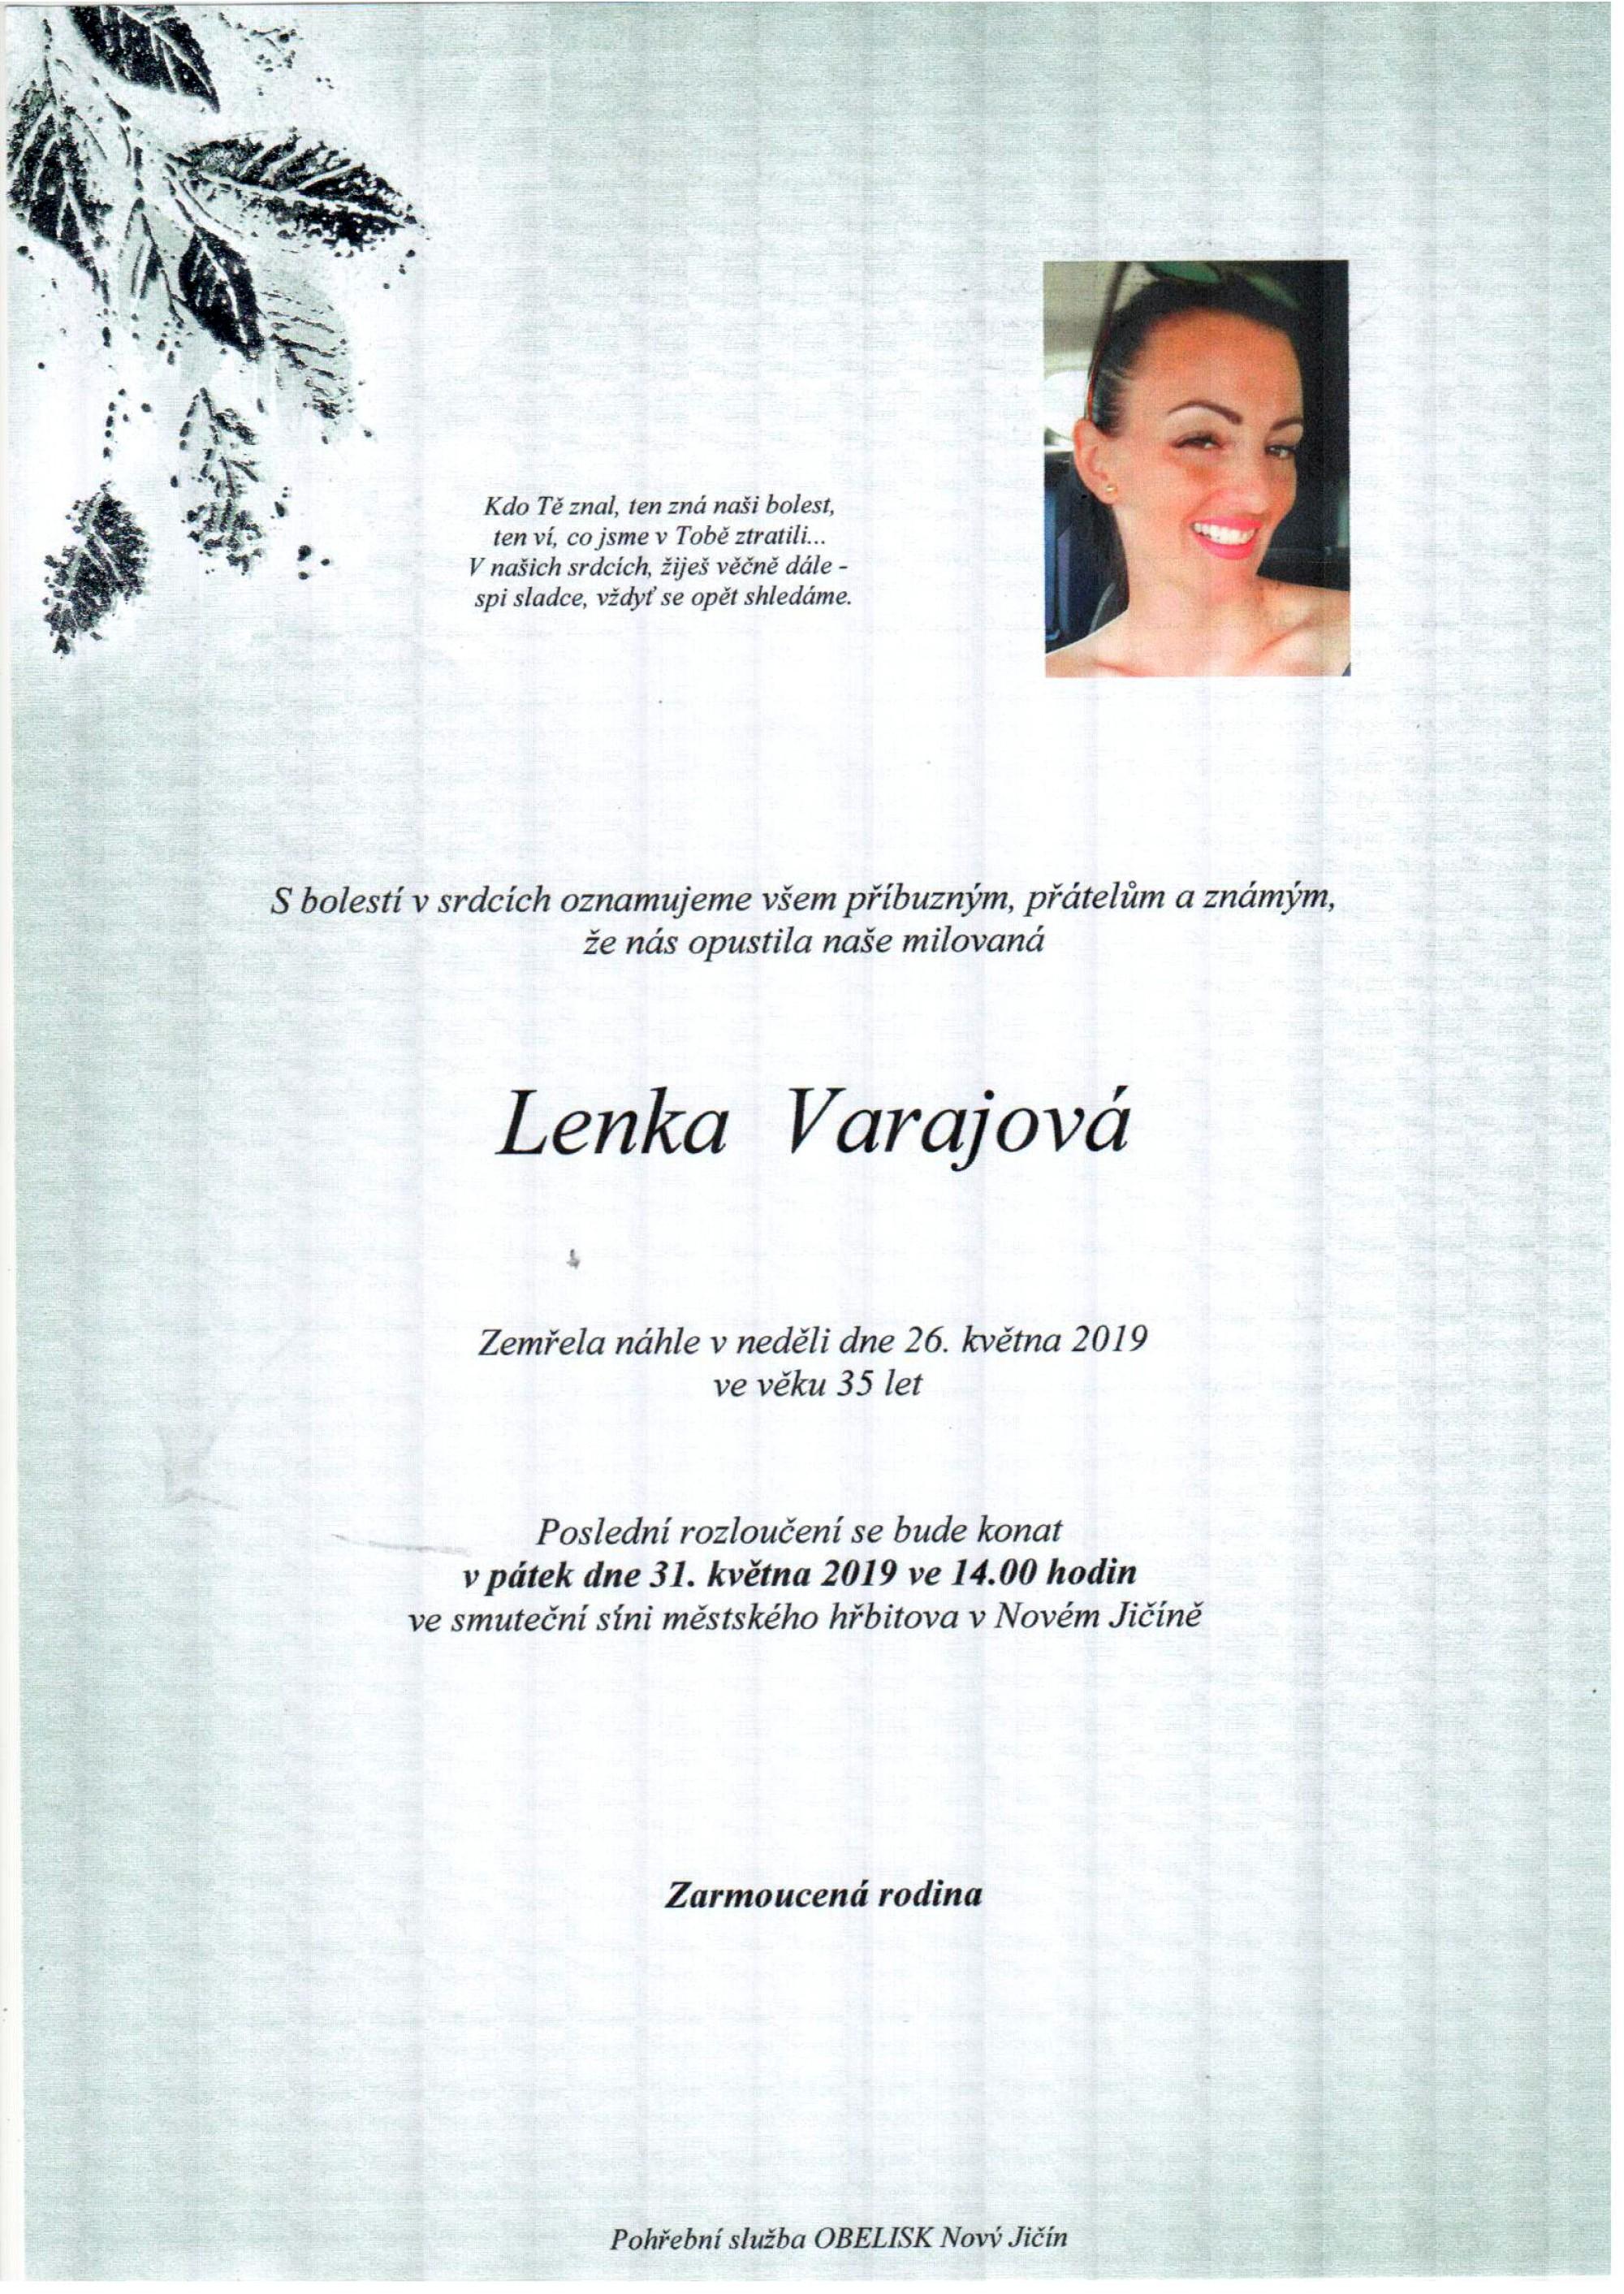 Lenka Varajová